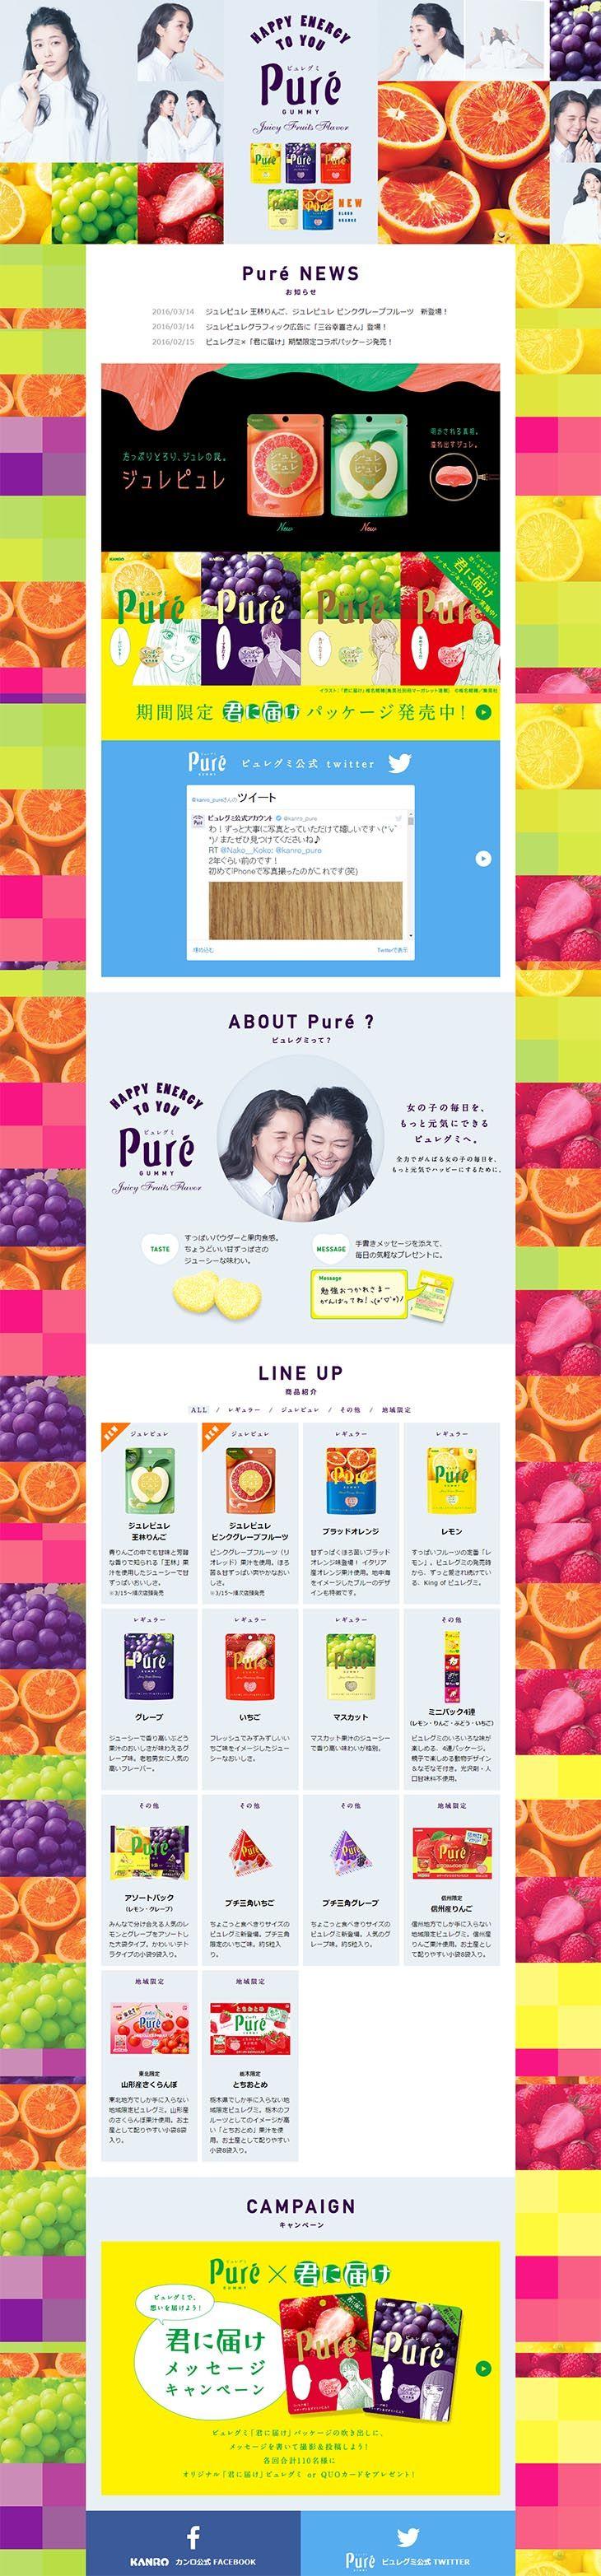 Pure GUMMY【食品関連】のLPデザイン。WEBデザイナーさん必見!ランディングページのデザイン参考に(にぎやか系)